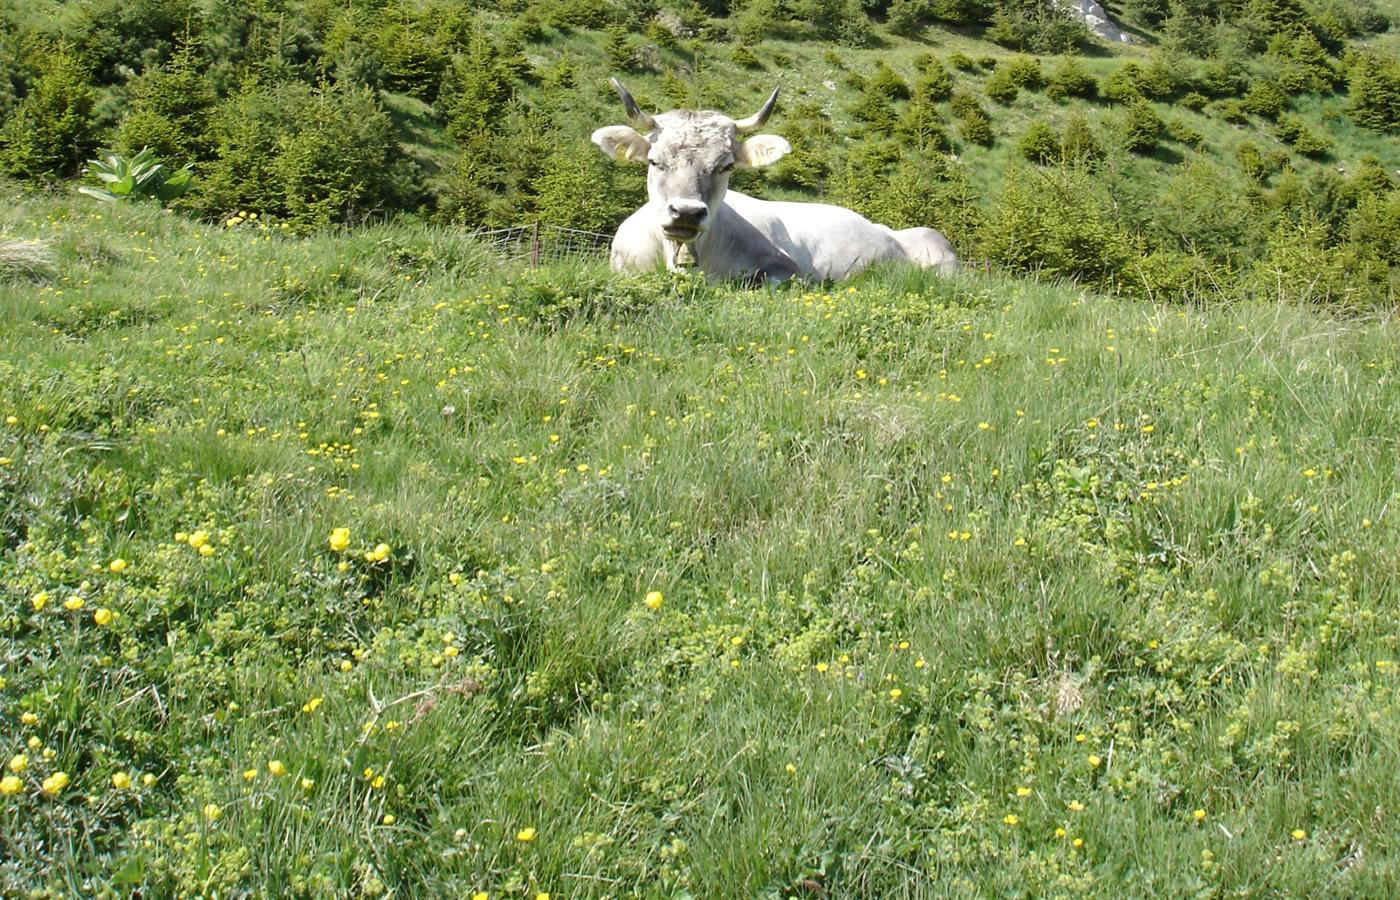 Natürliche Aussicht und tierische Ruhe in Fiss, Tirol.